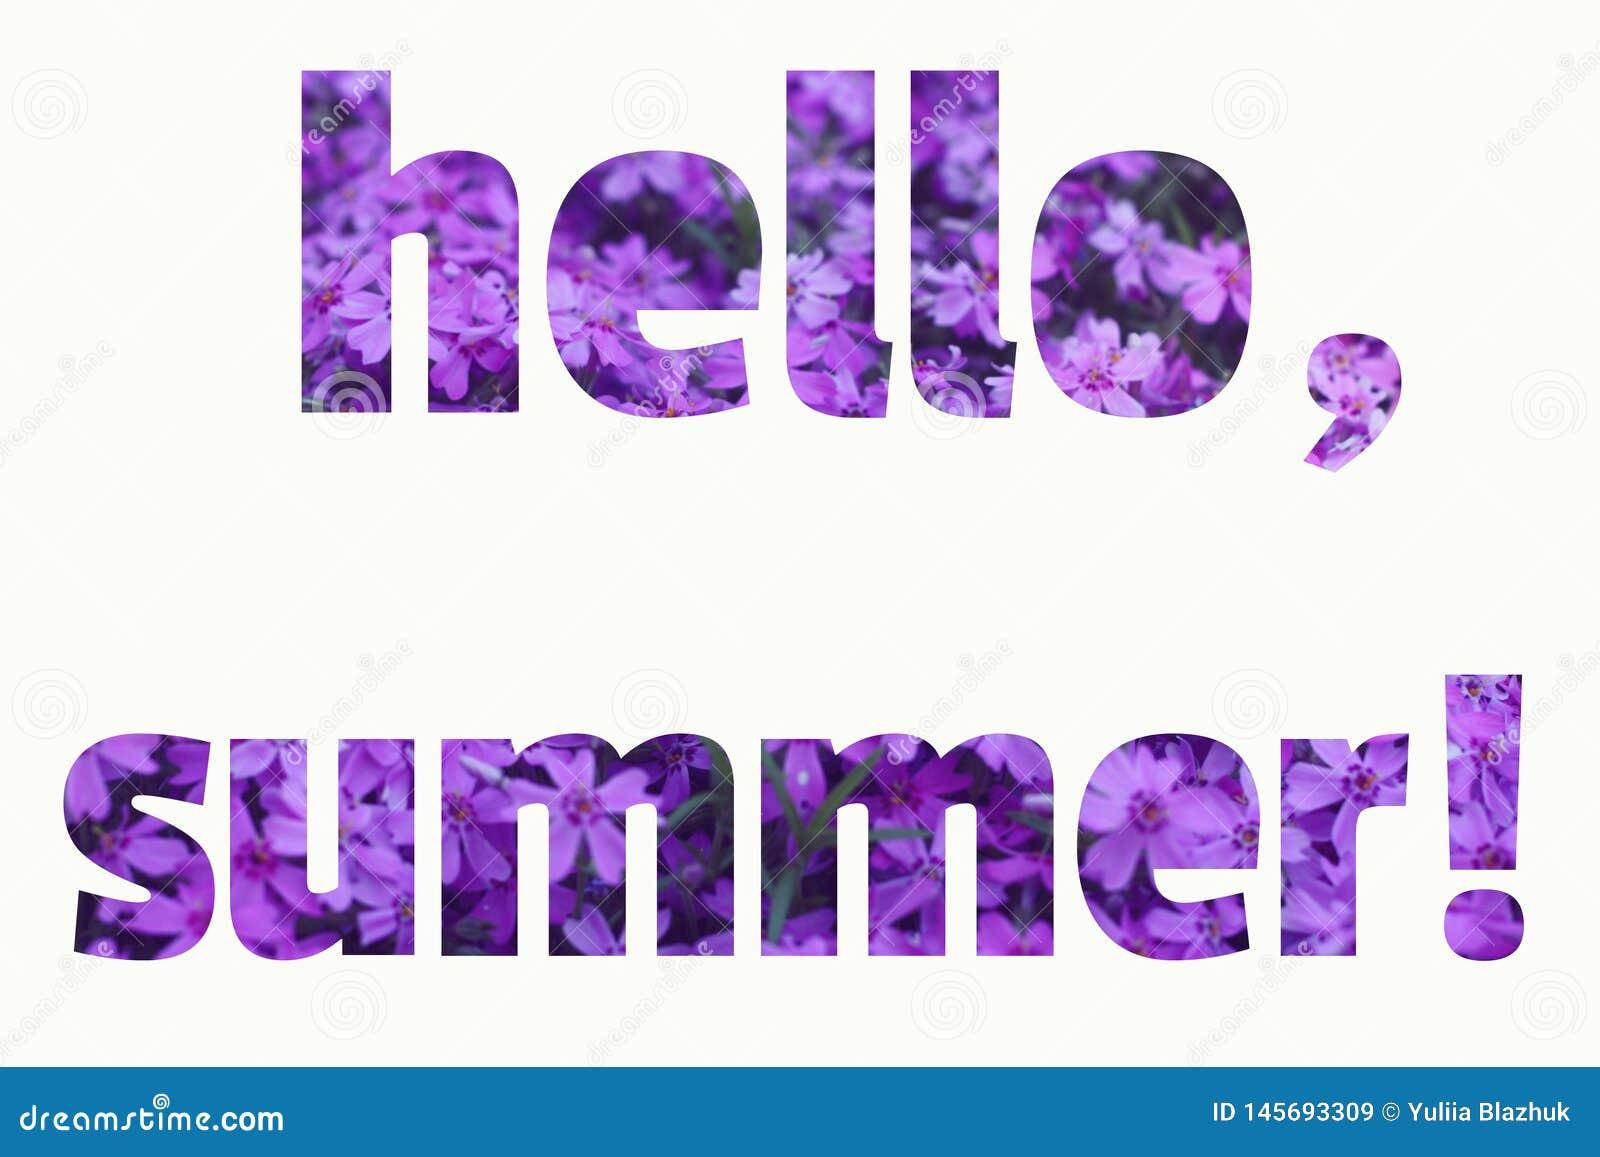 VERÃO do texto OLÁ! feito do fundo roxo das flores do verão